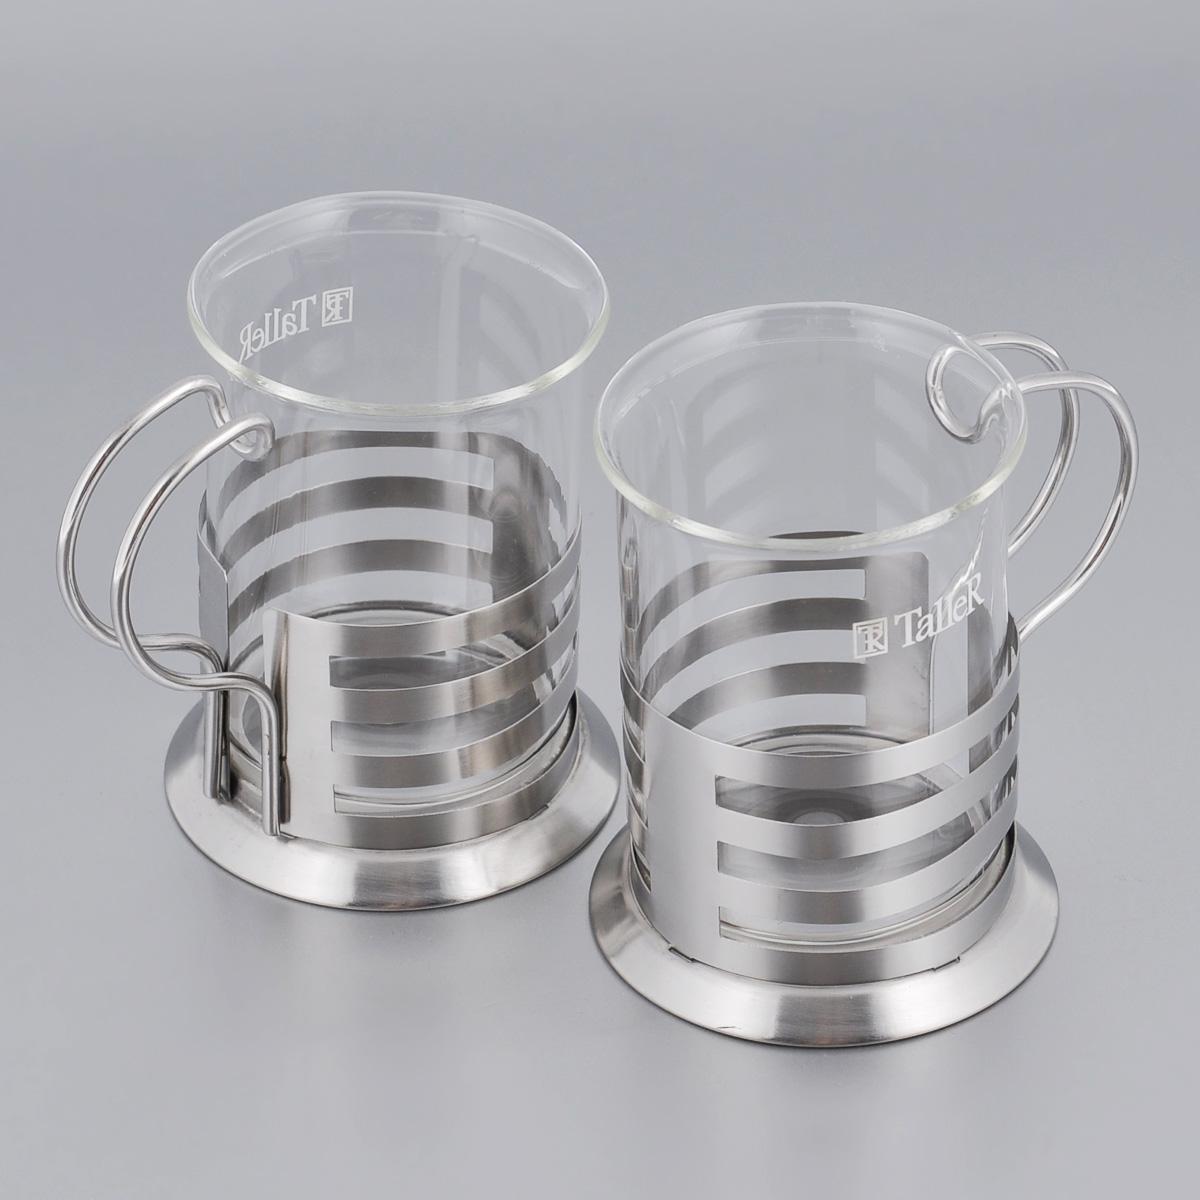 Набор чашек Taller Gregory, 200 мл, 2 штTR-2308Набор Taller Gregory состоит из двух чашек, изготовленных из высококачественной нержавеющей стали 18/10 и боросиликатного стекла. Удобная ручка обеспечит надежную фиксацию в руке. Красочность оформления набора придется по вкусу и ценителям классики, и тем, кто предпочитает утонченность и изысканность. Можно мыть в посудомоечной машине при температуре 65°С. Объем чашек: 200 мл.Диаметр по верхнему краю: 6,5 см.Высота стенок: 8,5 см.